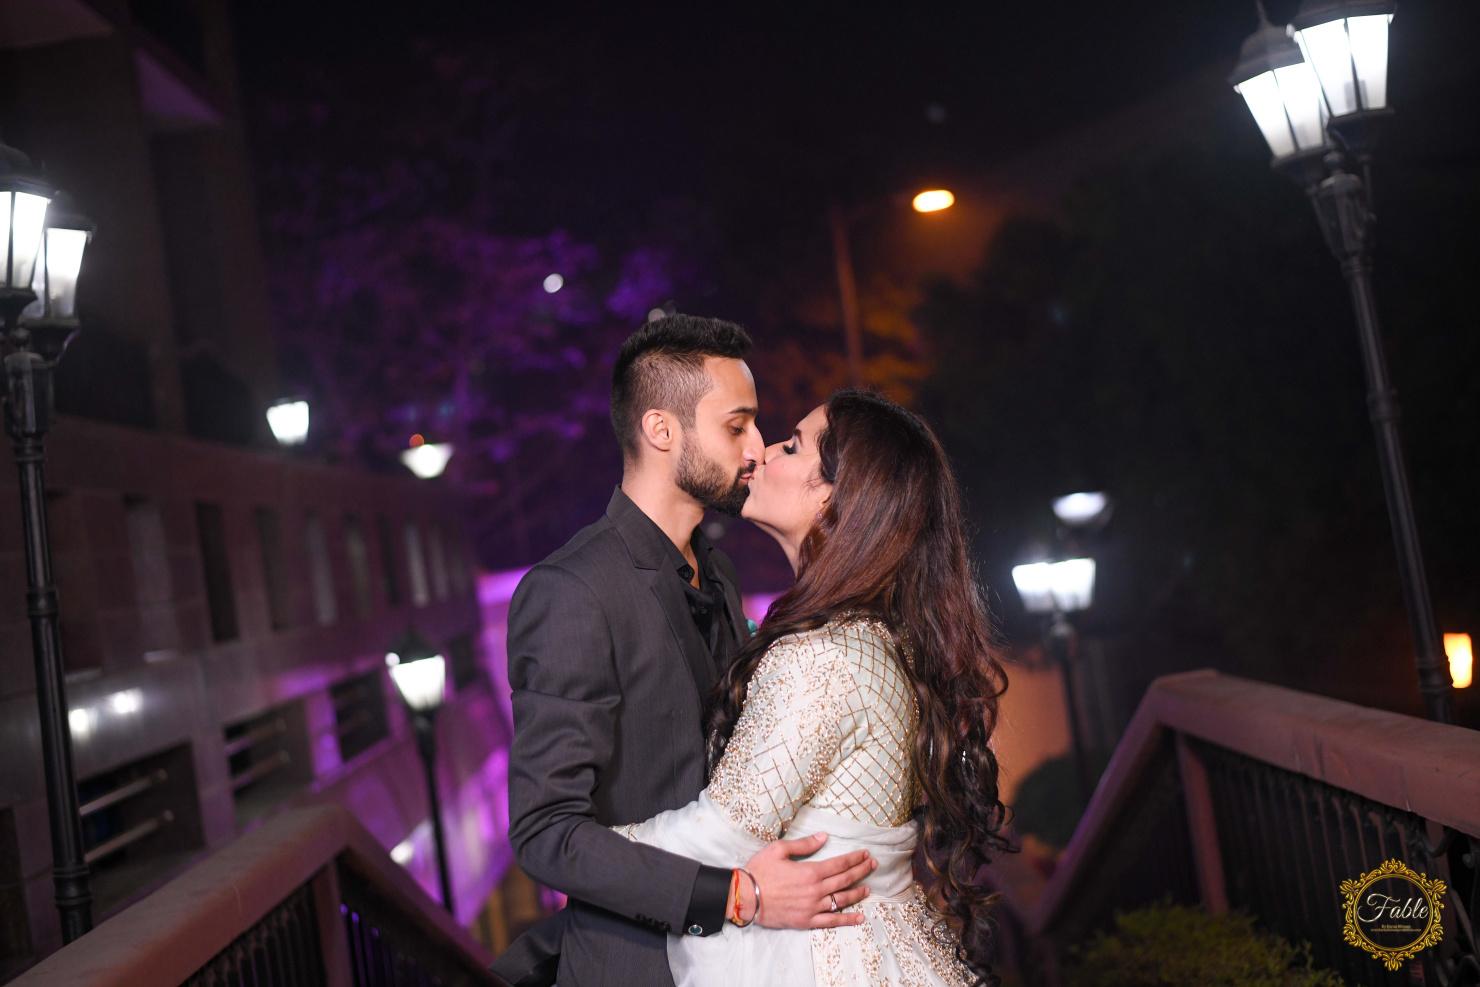 punjabi couple kissing